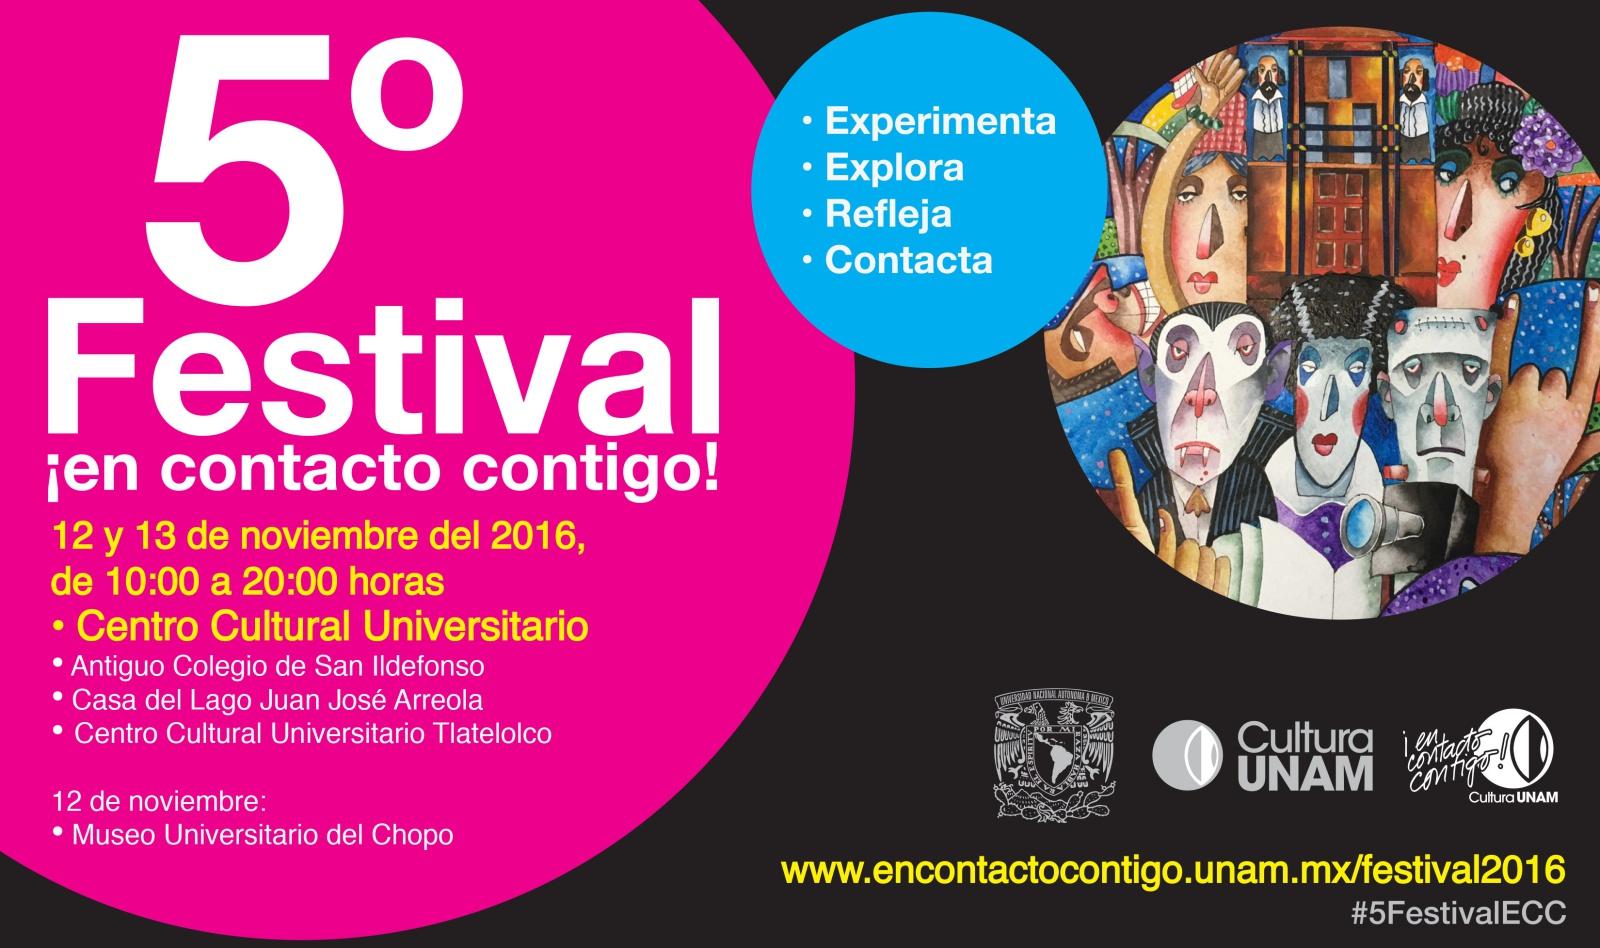 Libros UNAM participa en el 5º Festival ¡En contacto contigo!